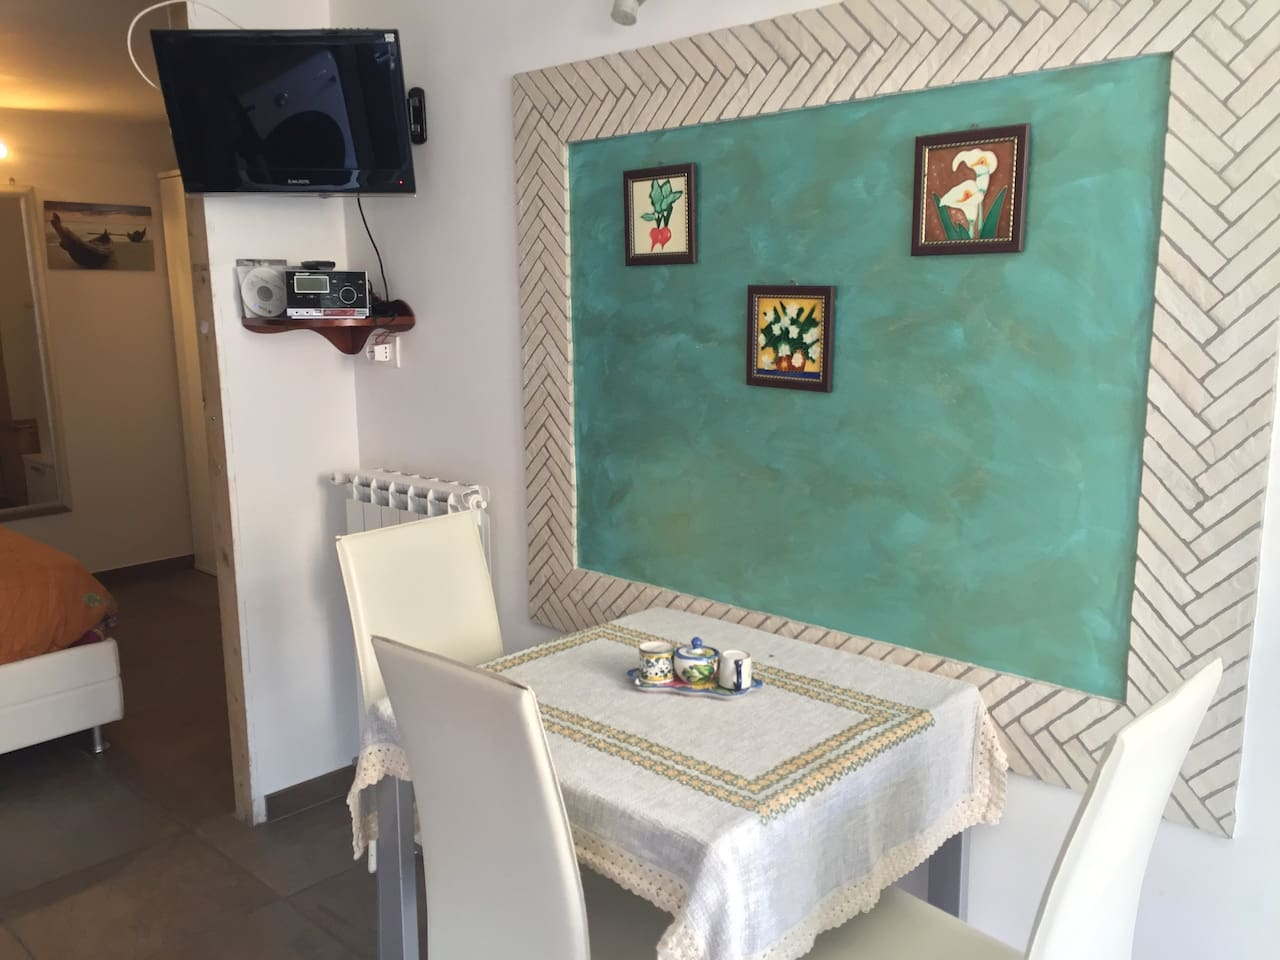 tavolo da cucina allungabile e secondo televisore in cucina.